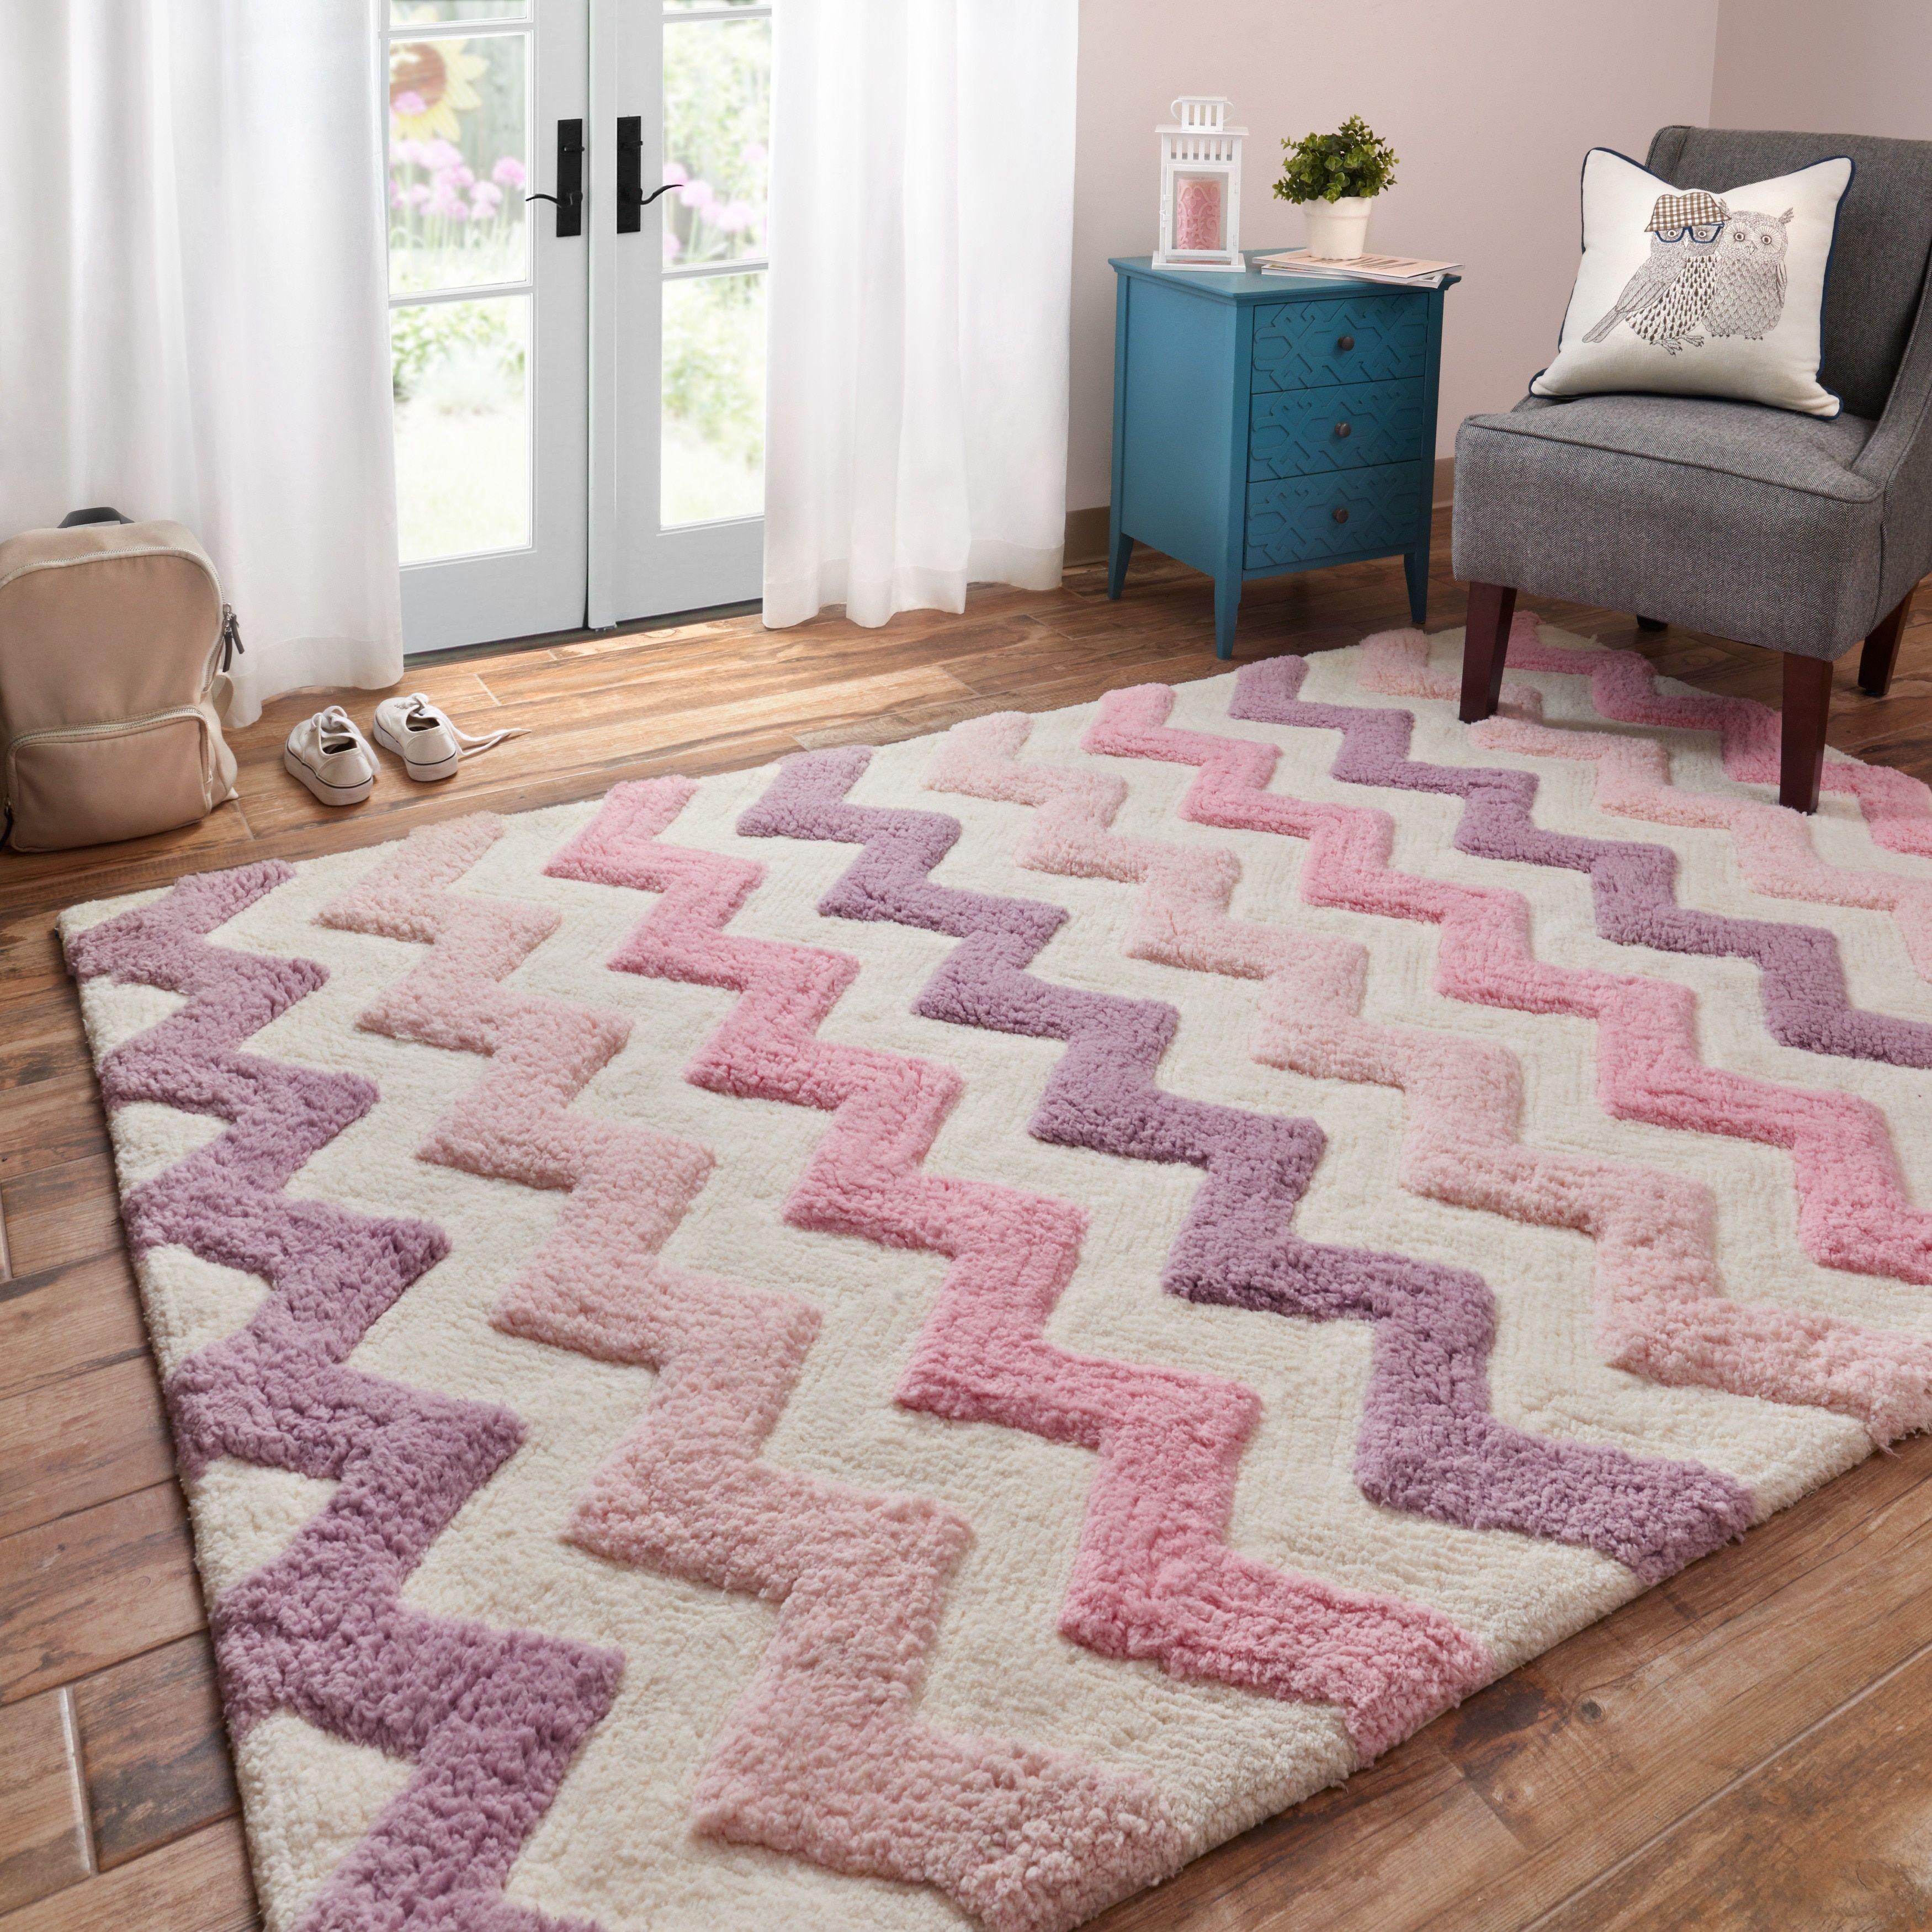 alexander home handtufted riley pink purple chevron shag rug 5u00270 x 7u00270 pink purple 5u00270 x 7u00270 size 5u0027 x 7u0027